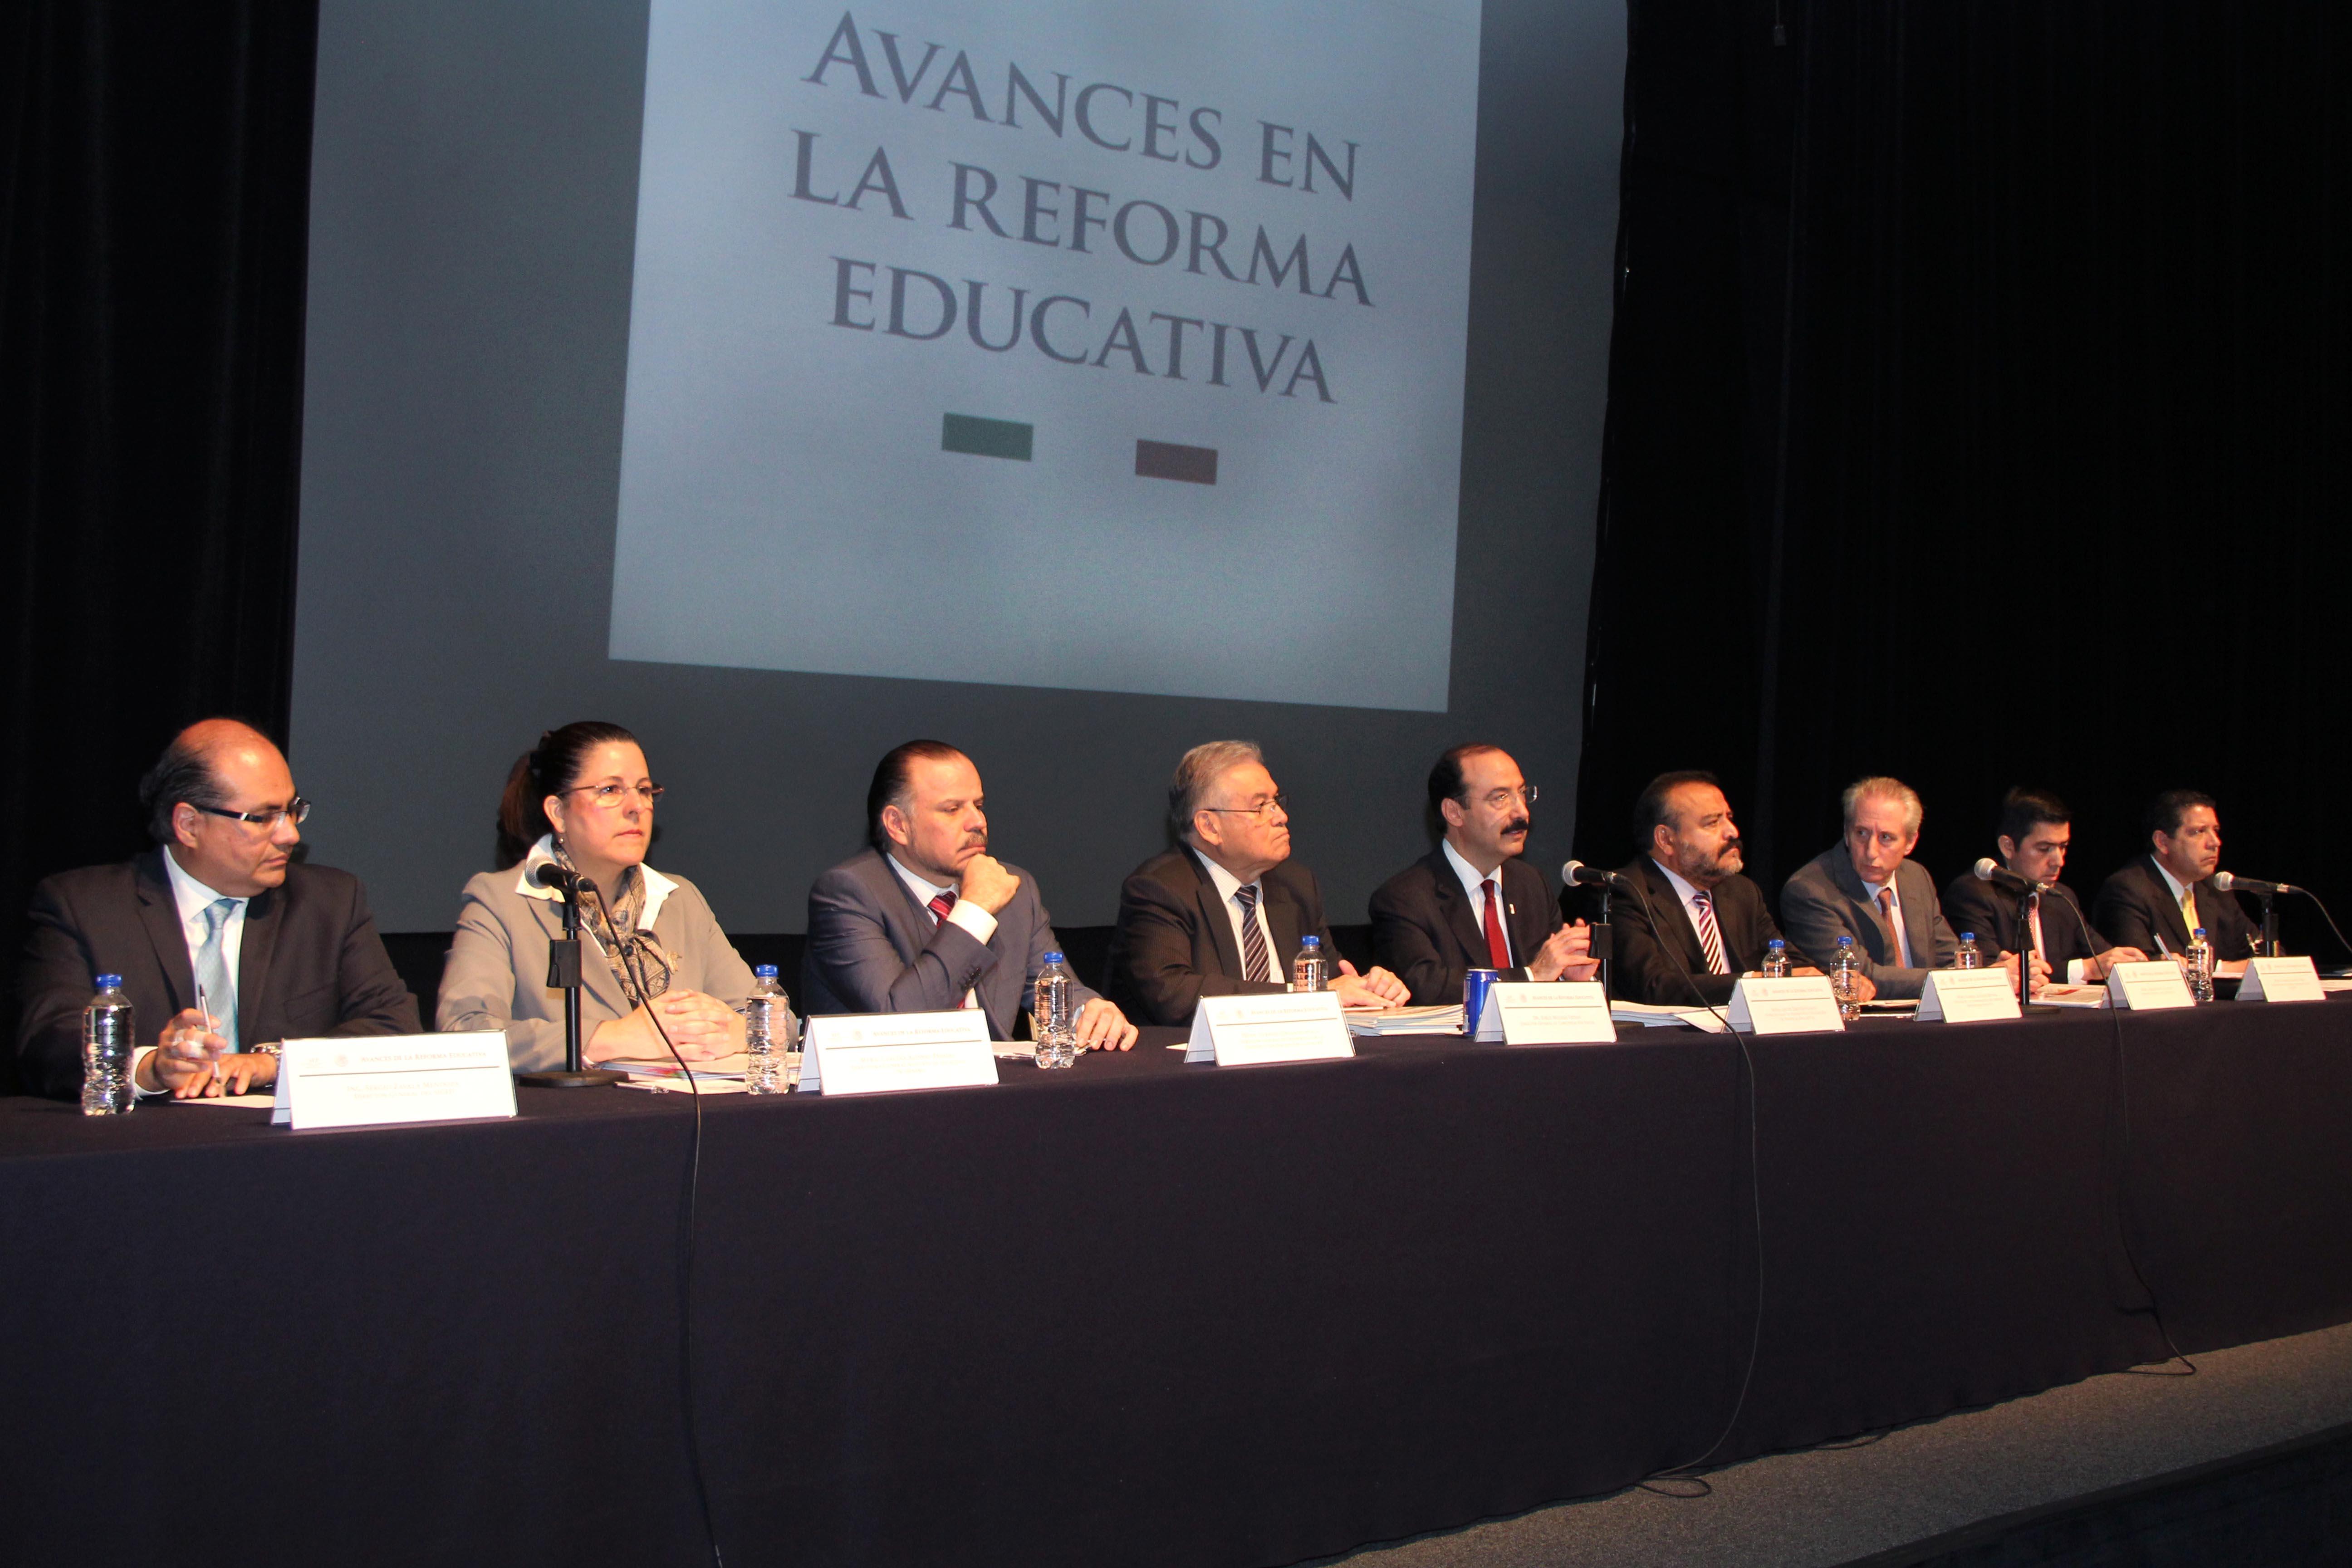 En conferencia de prensa para evaluar los avances de la Reforma Educativa